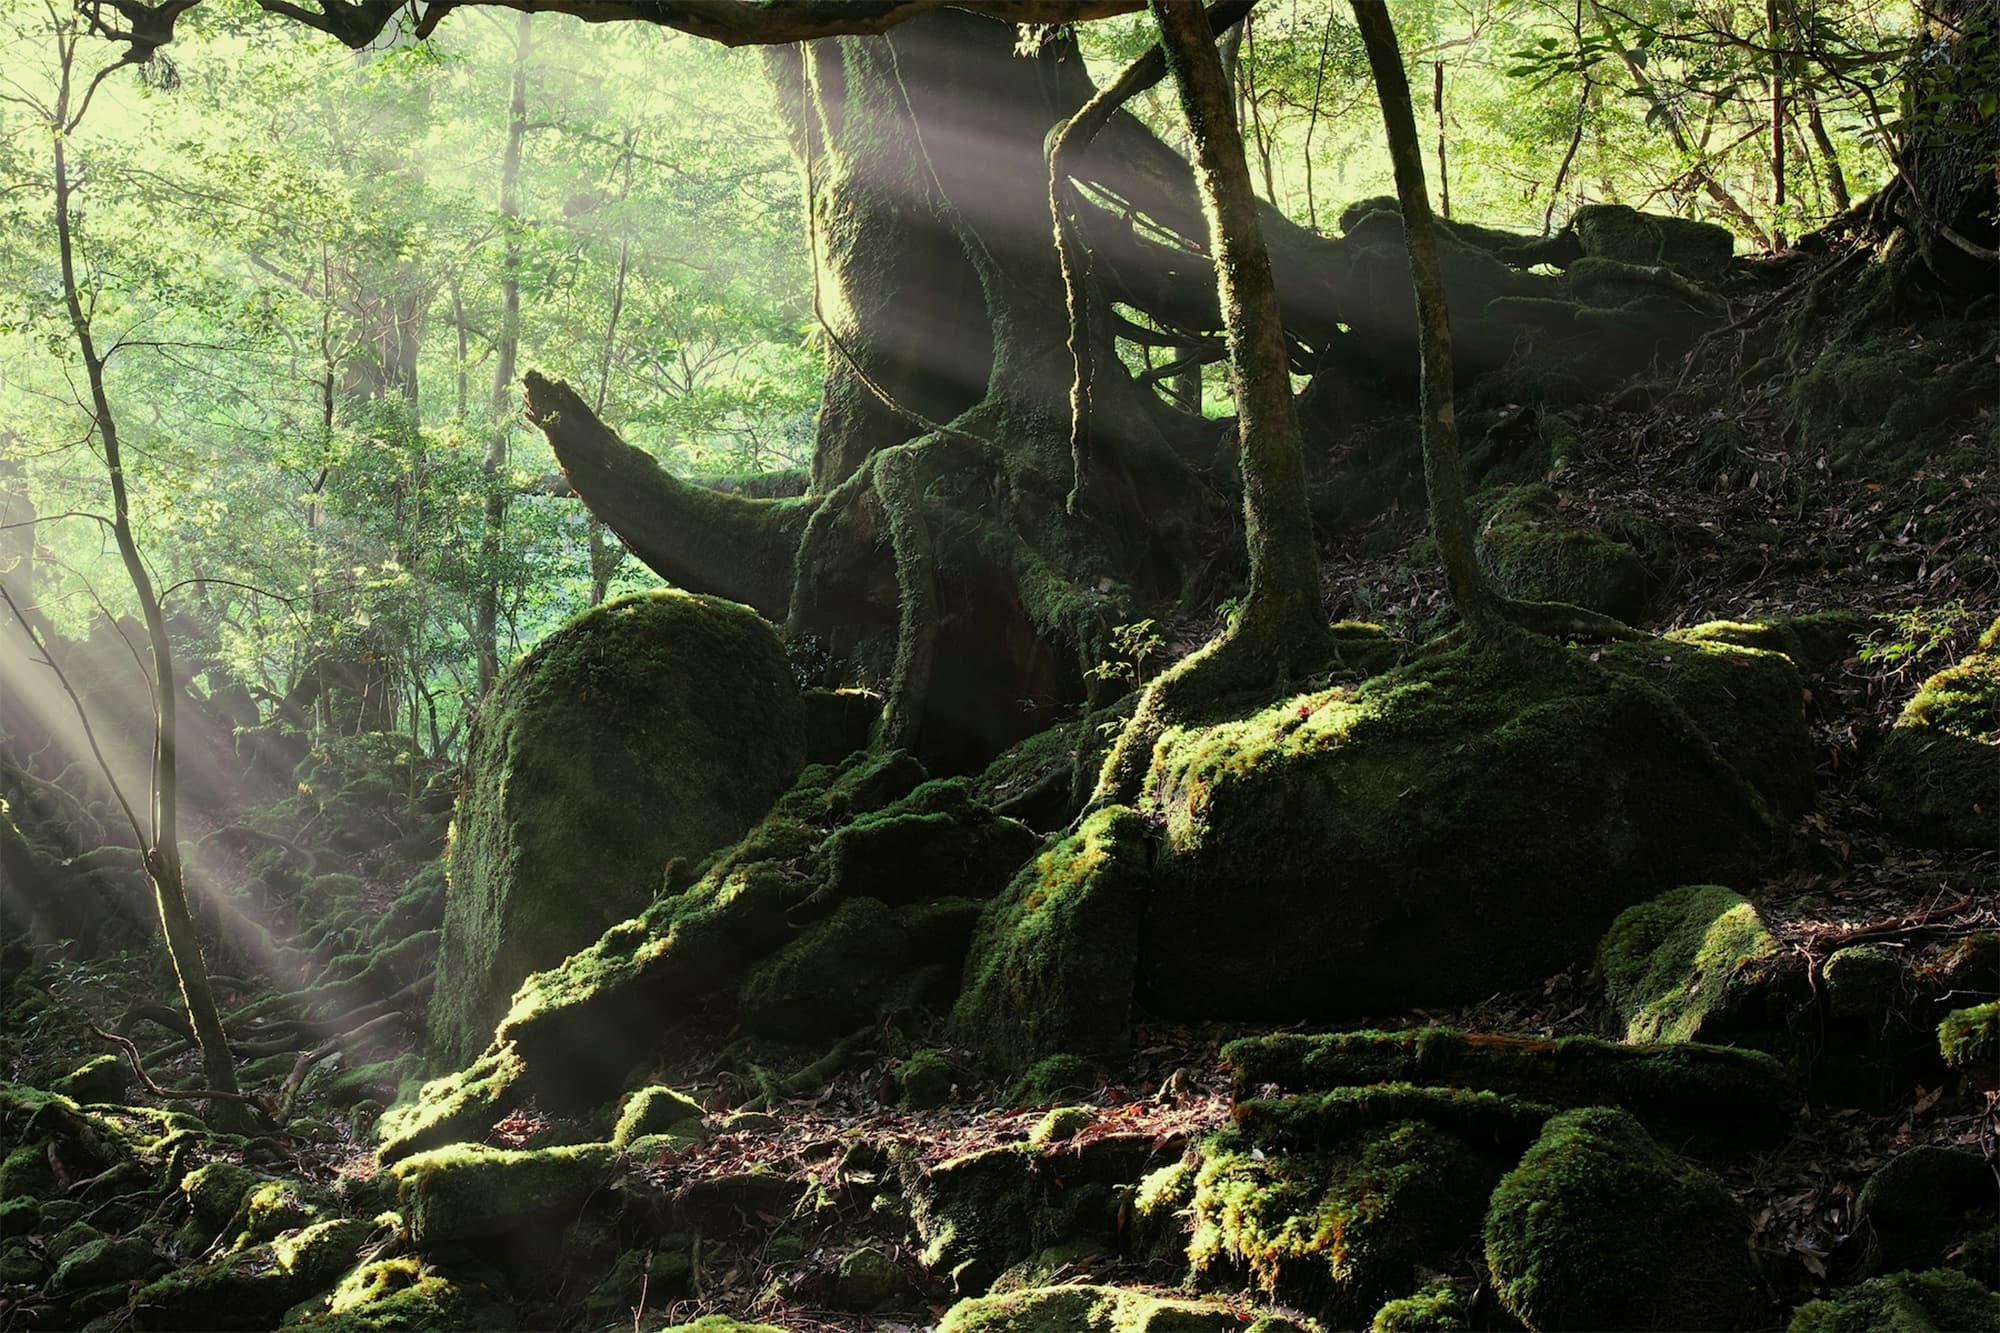 「サンカラホテル&スパ屋久島」(日本・鹿児島県)。樹齢数千年の屋久杉が見られる周辺の森林